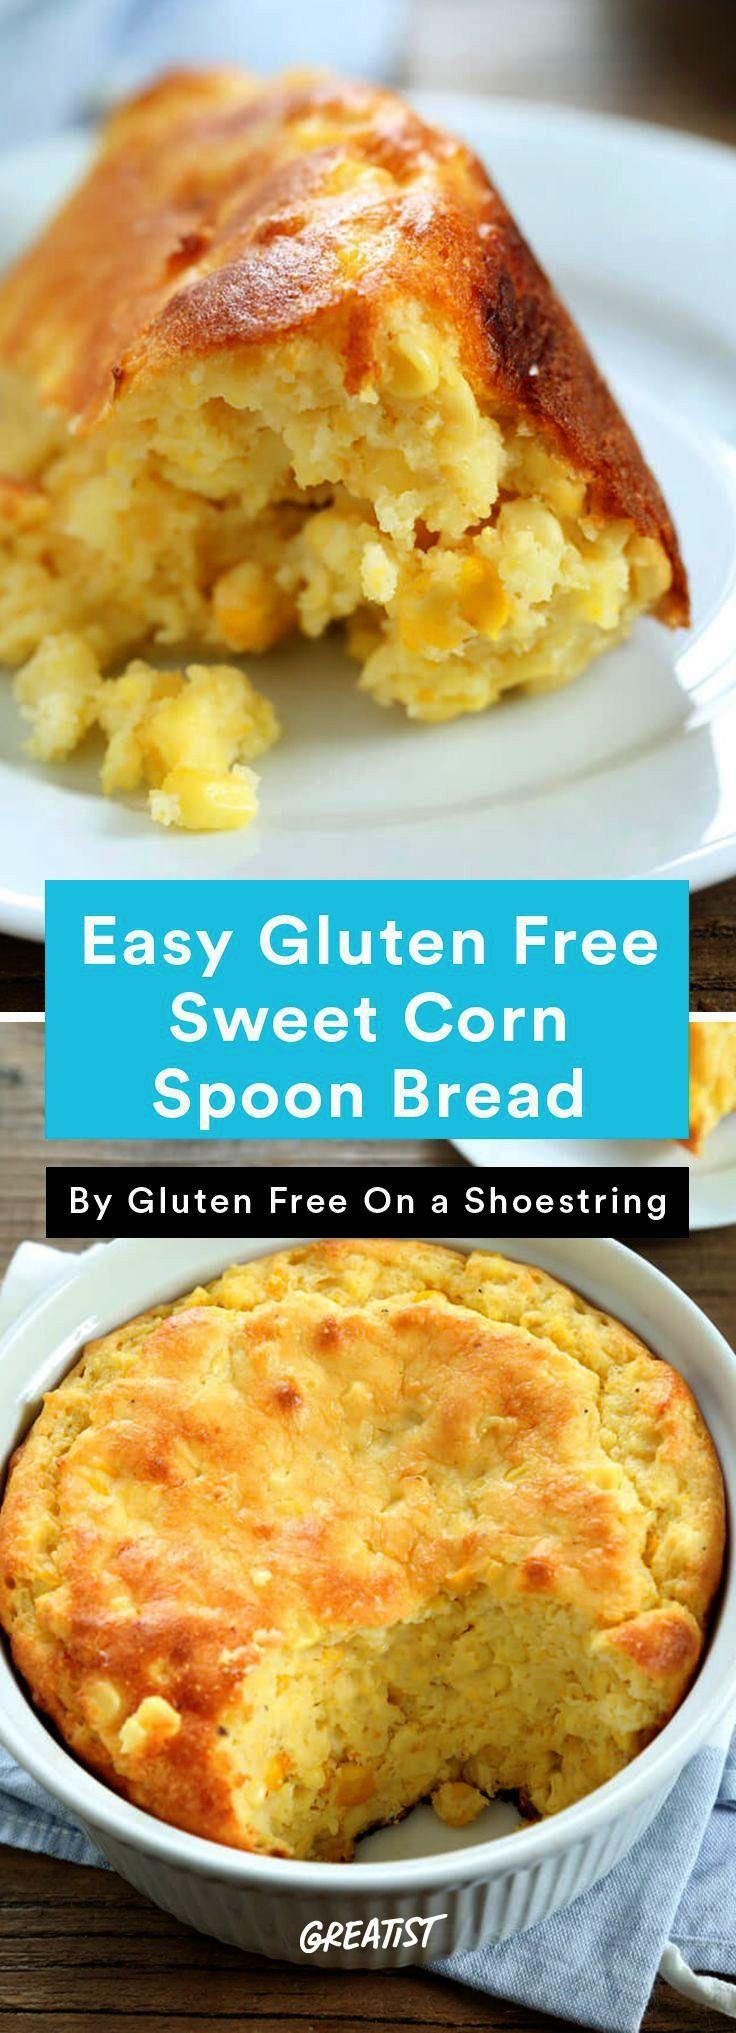 Gluten Free Desserts Houston without Easy Gluten Free